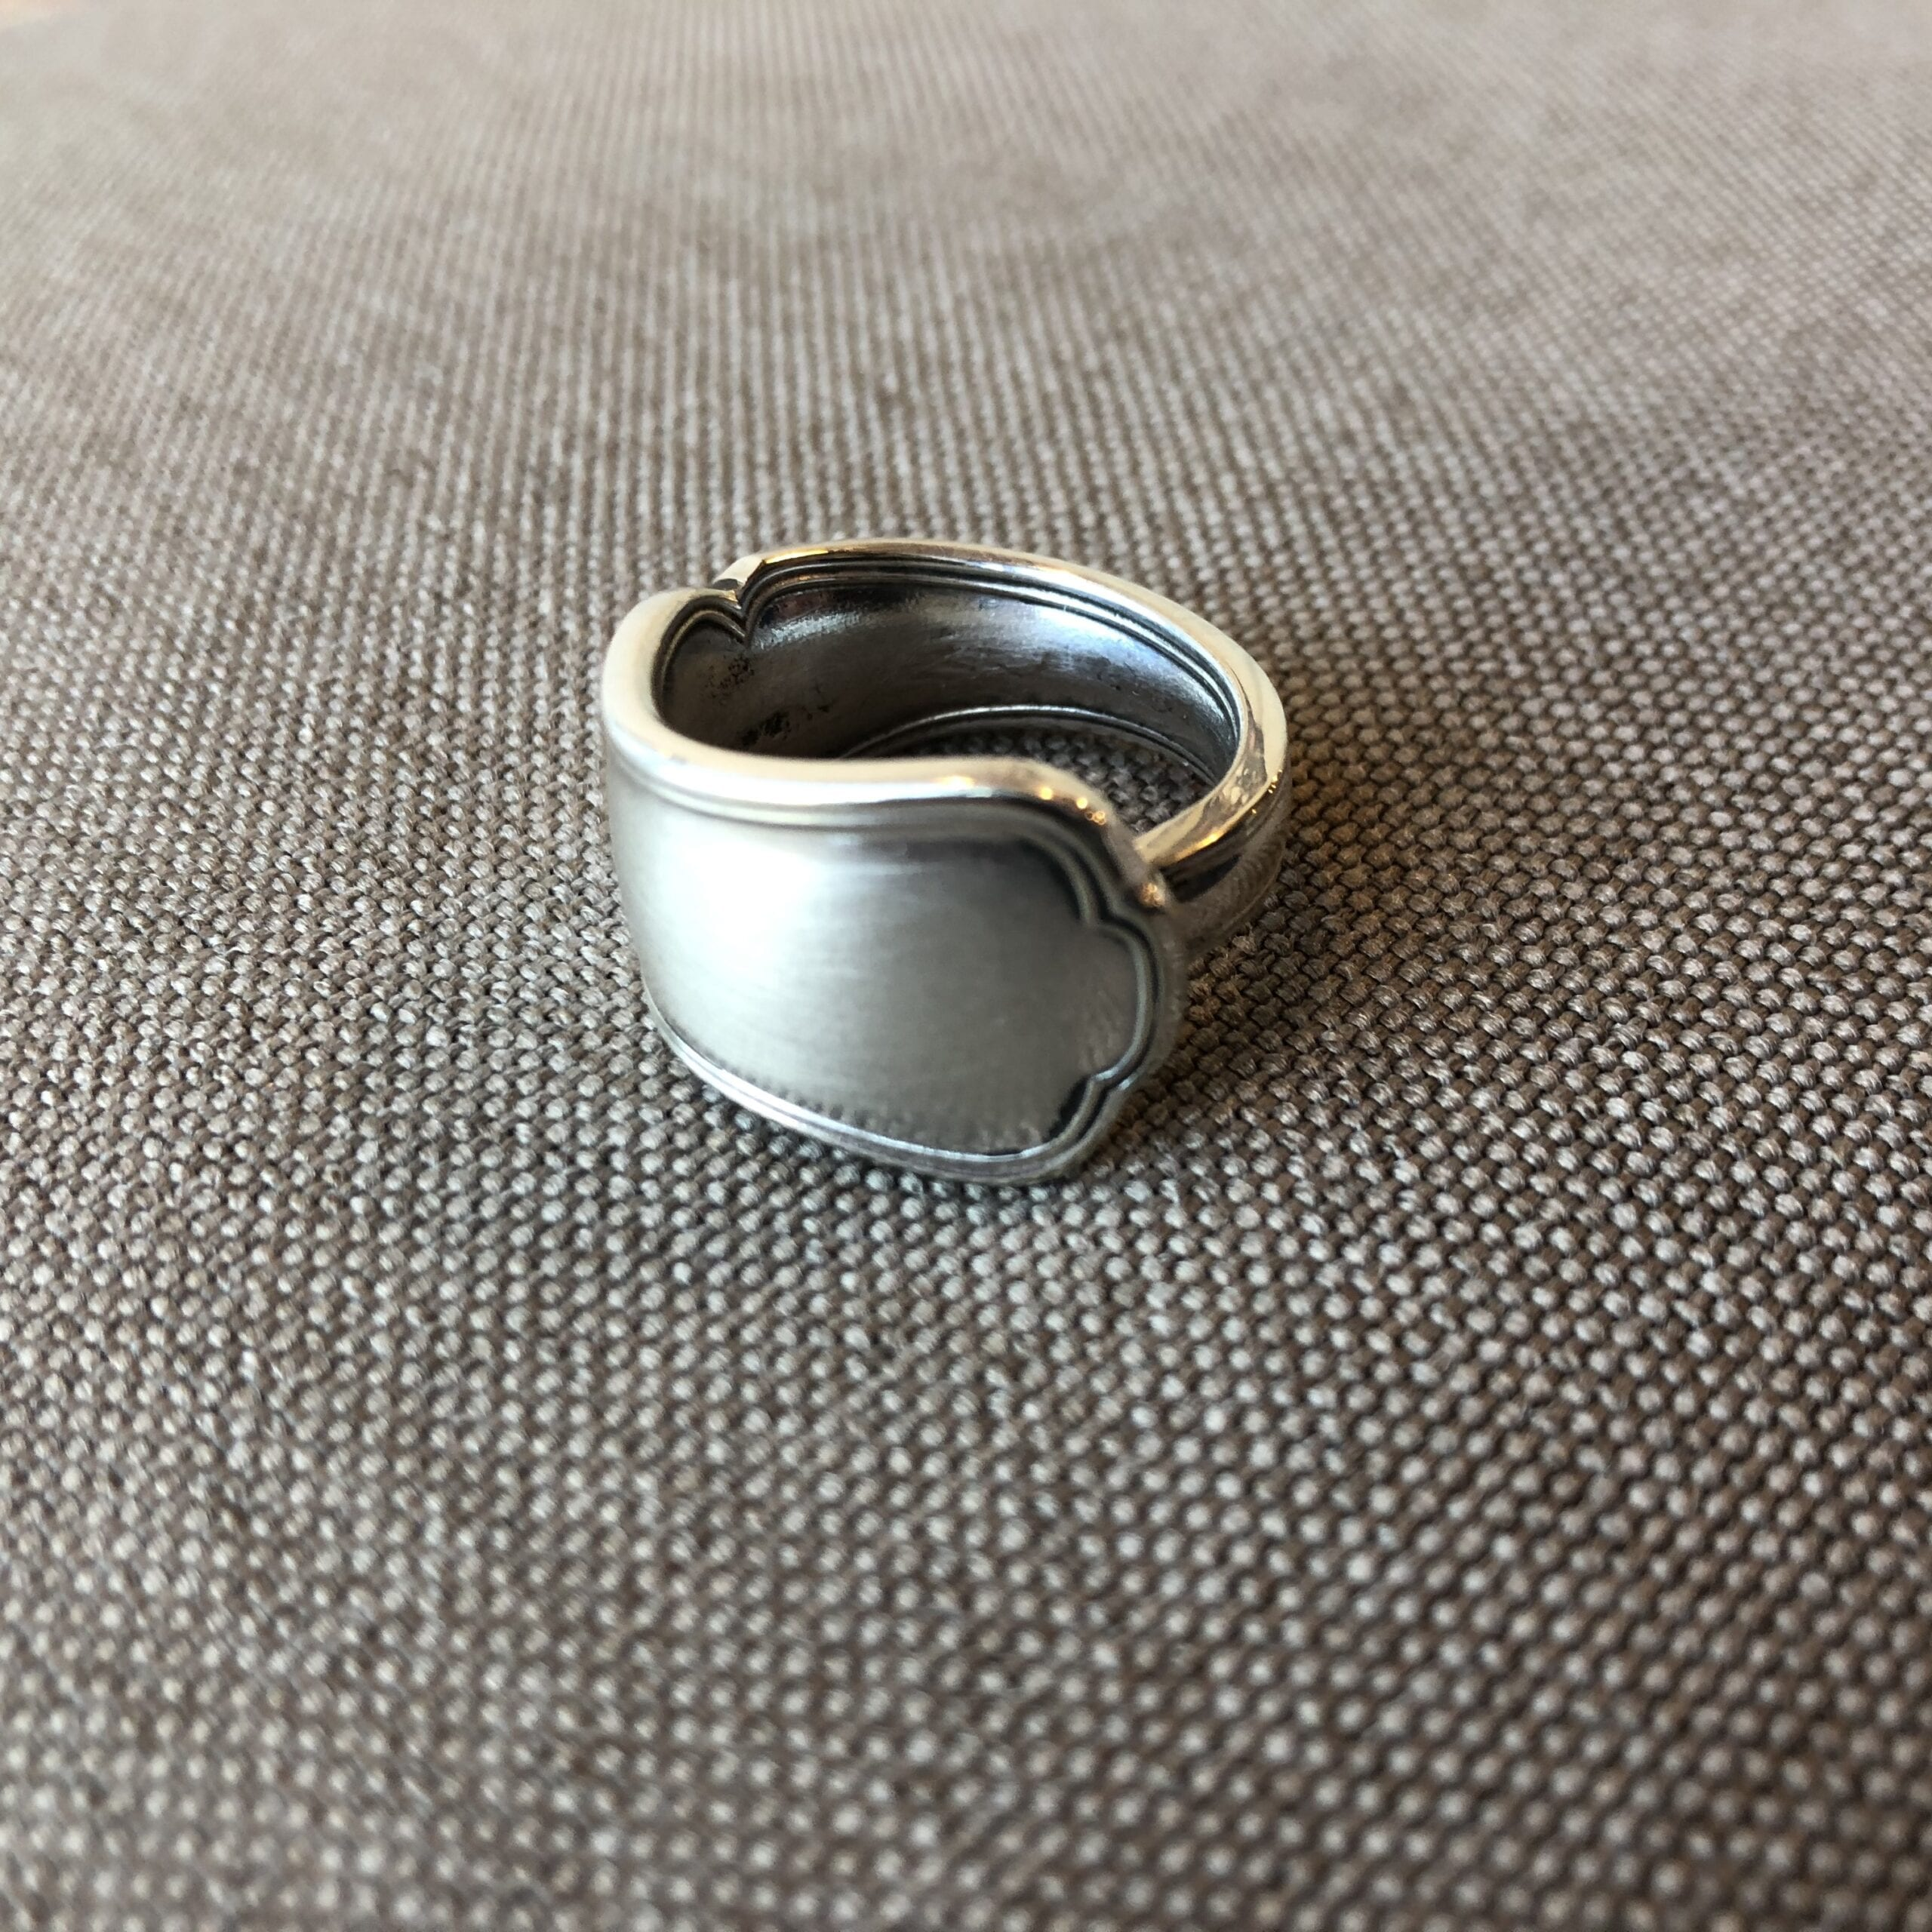 anello -manico di cucchiaino d'argento